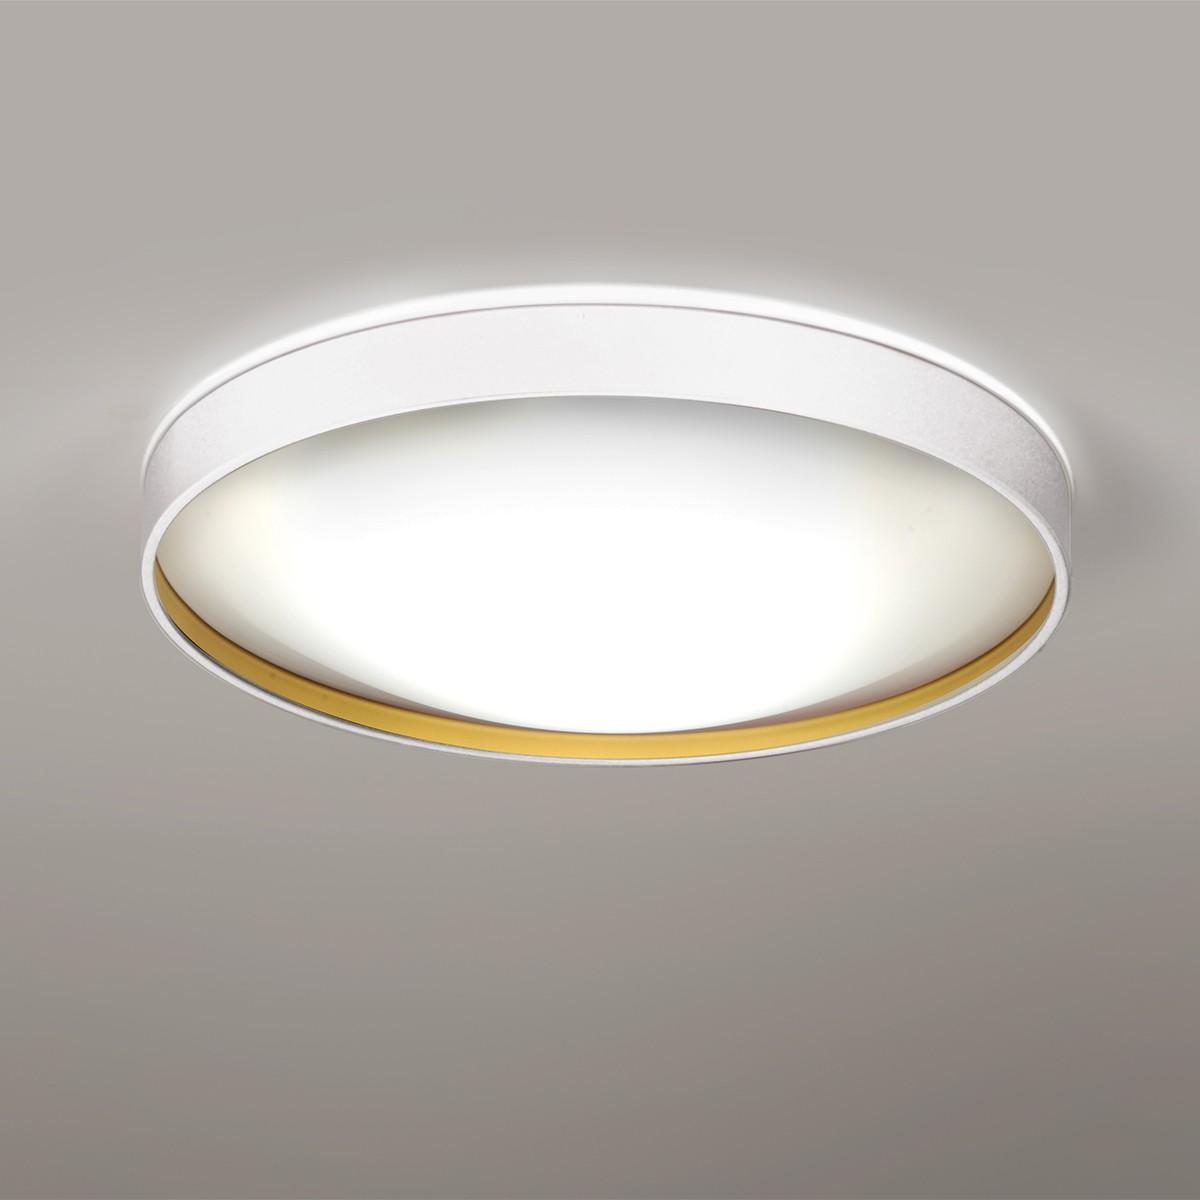 Milan Alina Deckenleuchte, Ø: 37 cm, weiß lackiert / Gold